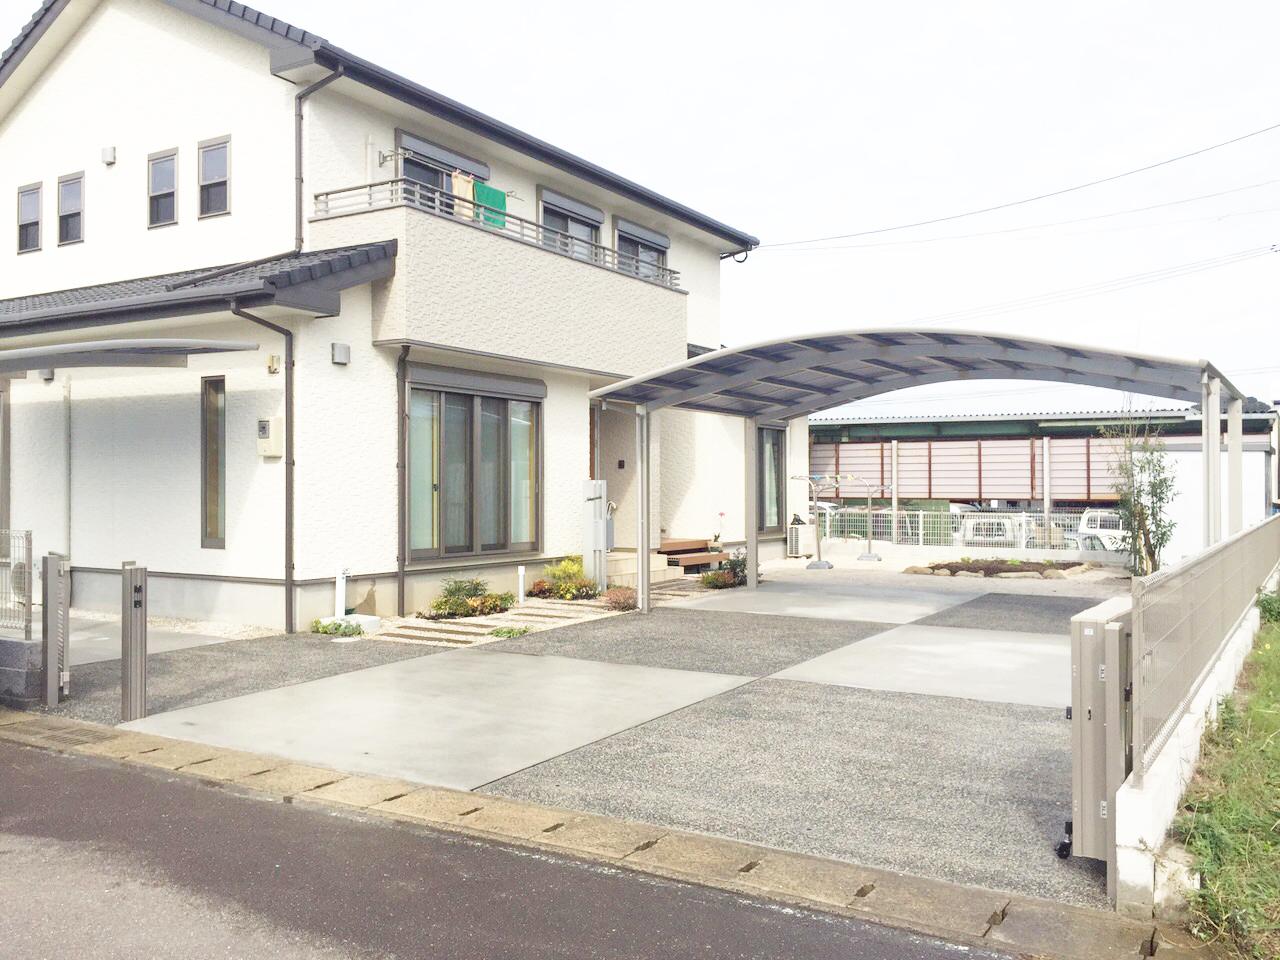 佐賀県嬉野市2色のコンクリートを使った玄関アプローチIMG_0694